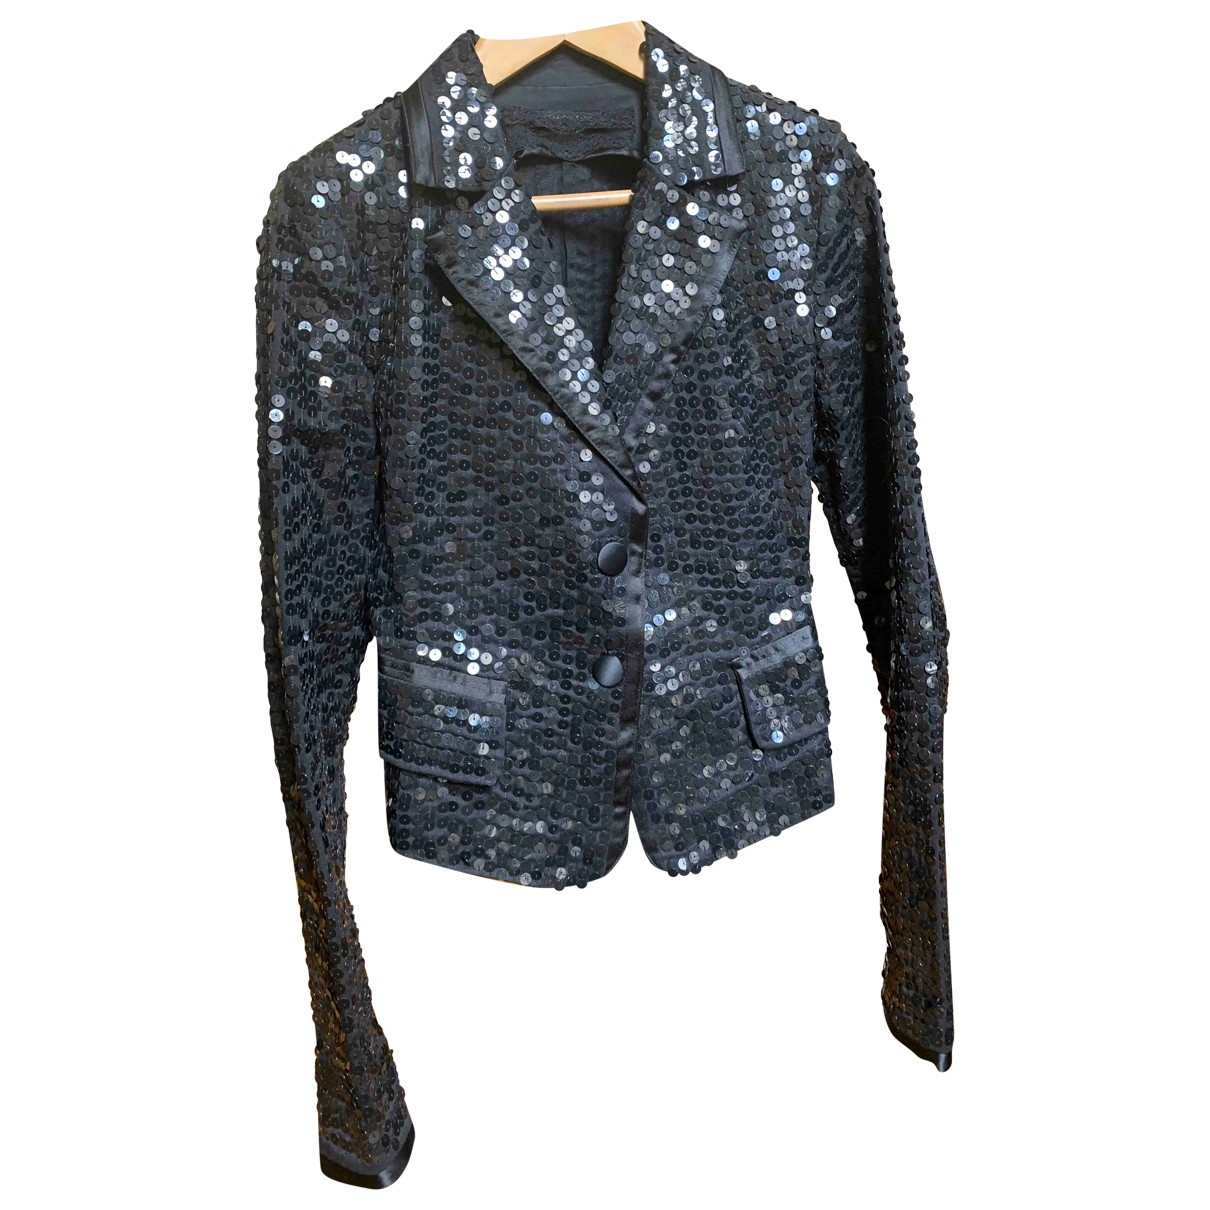 Patrizia Pepe \N Black Glitter jacket for Women 40 IT